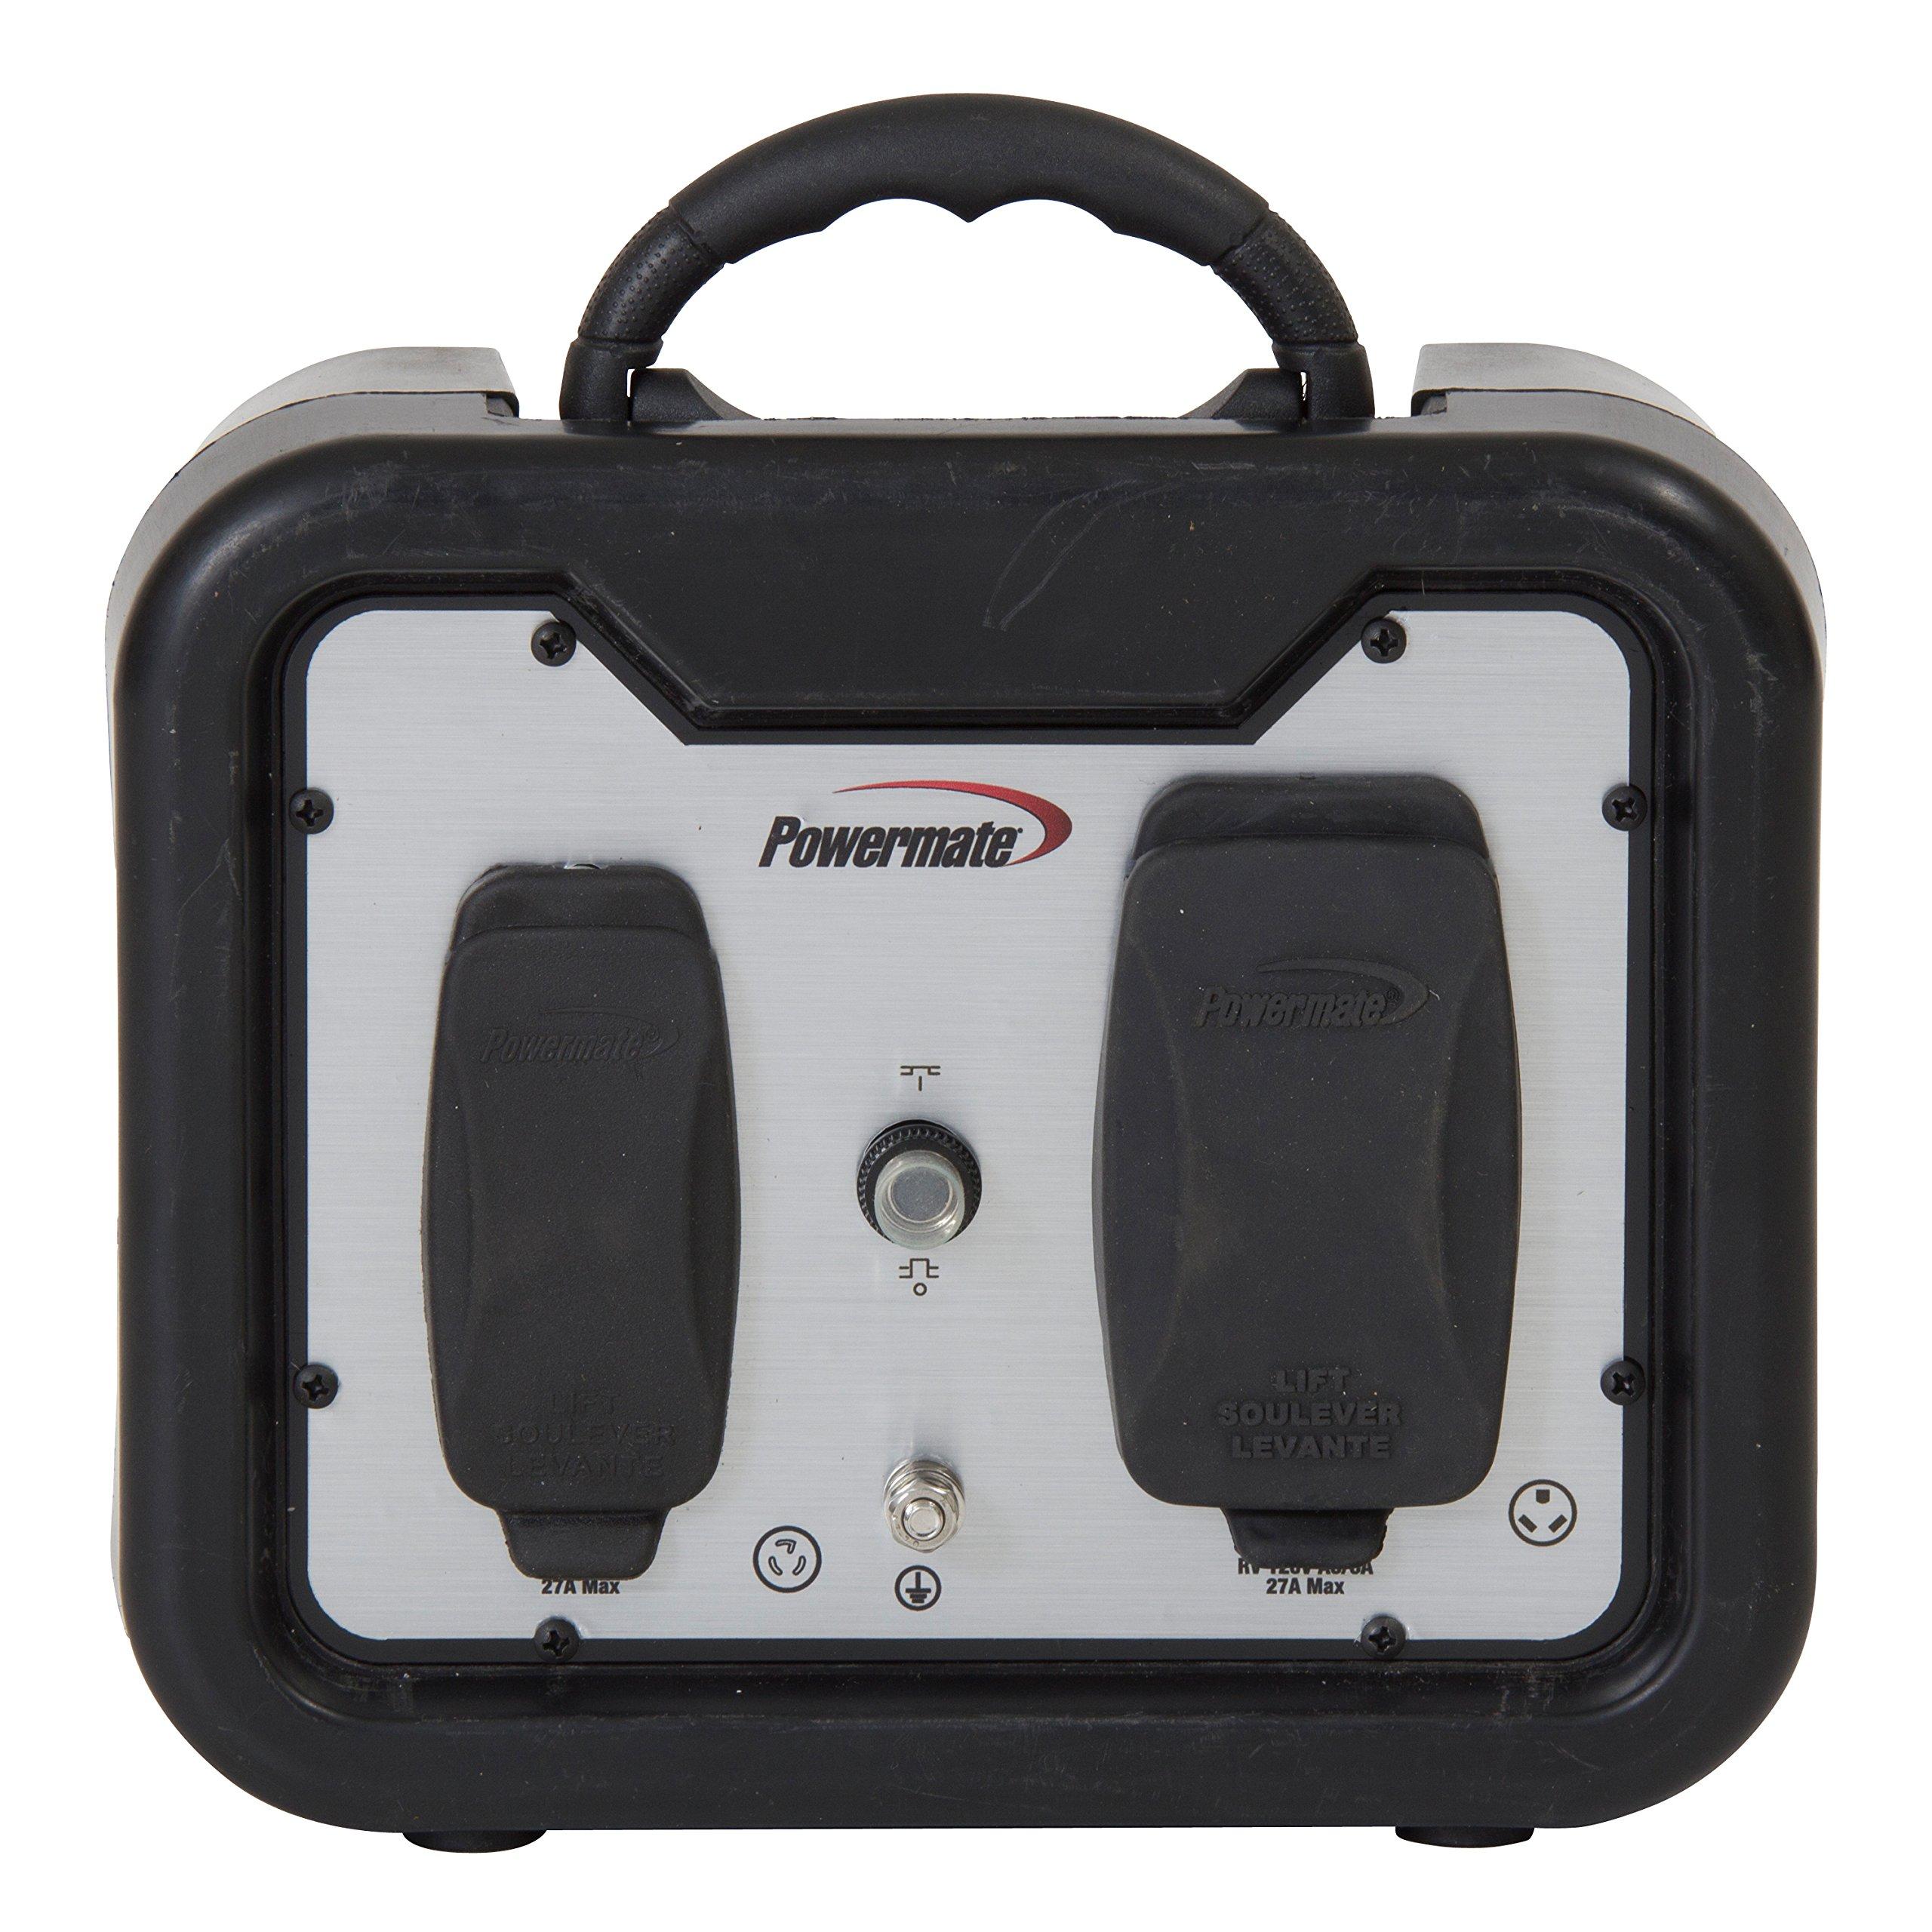 Powermate PA0650209 Parallel Kit for Powermate Inverter Generators